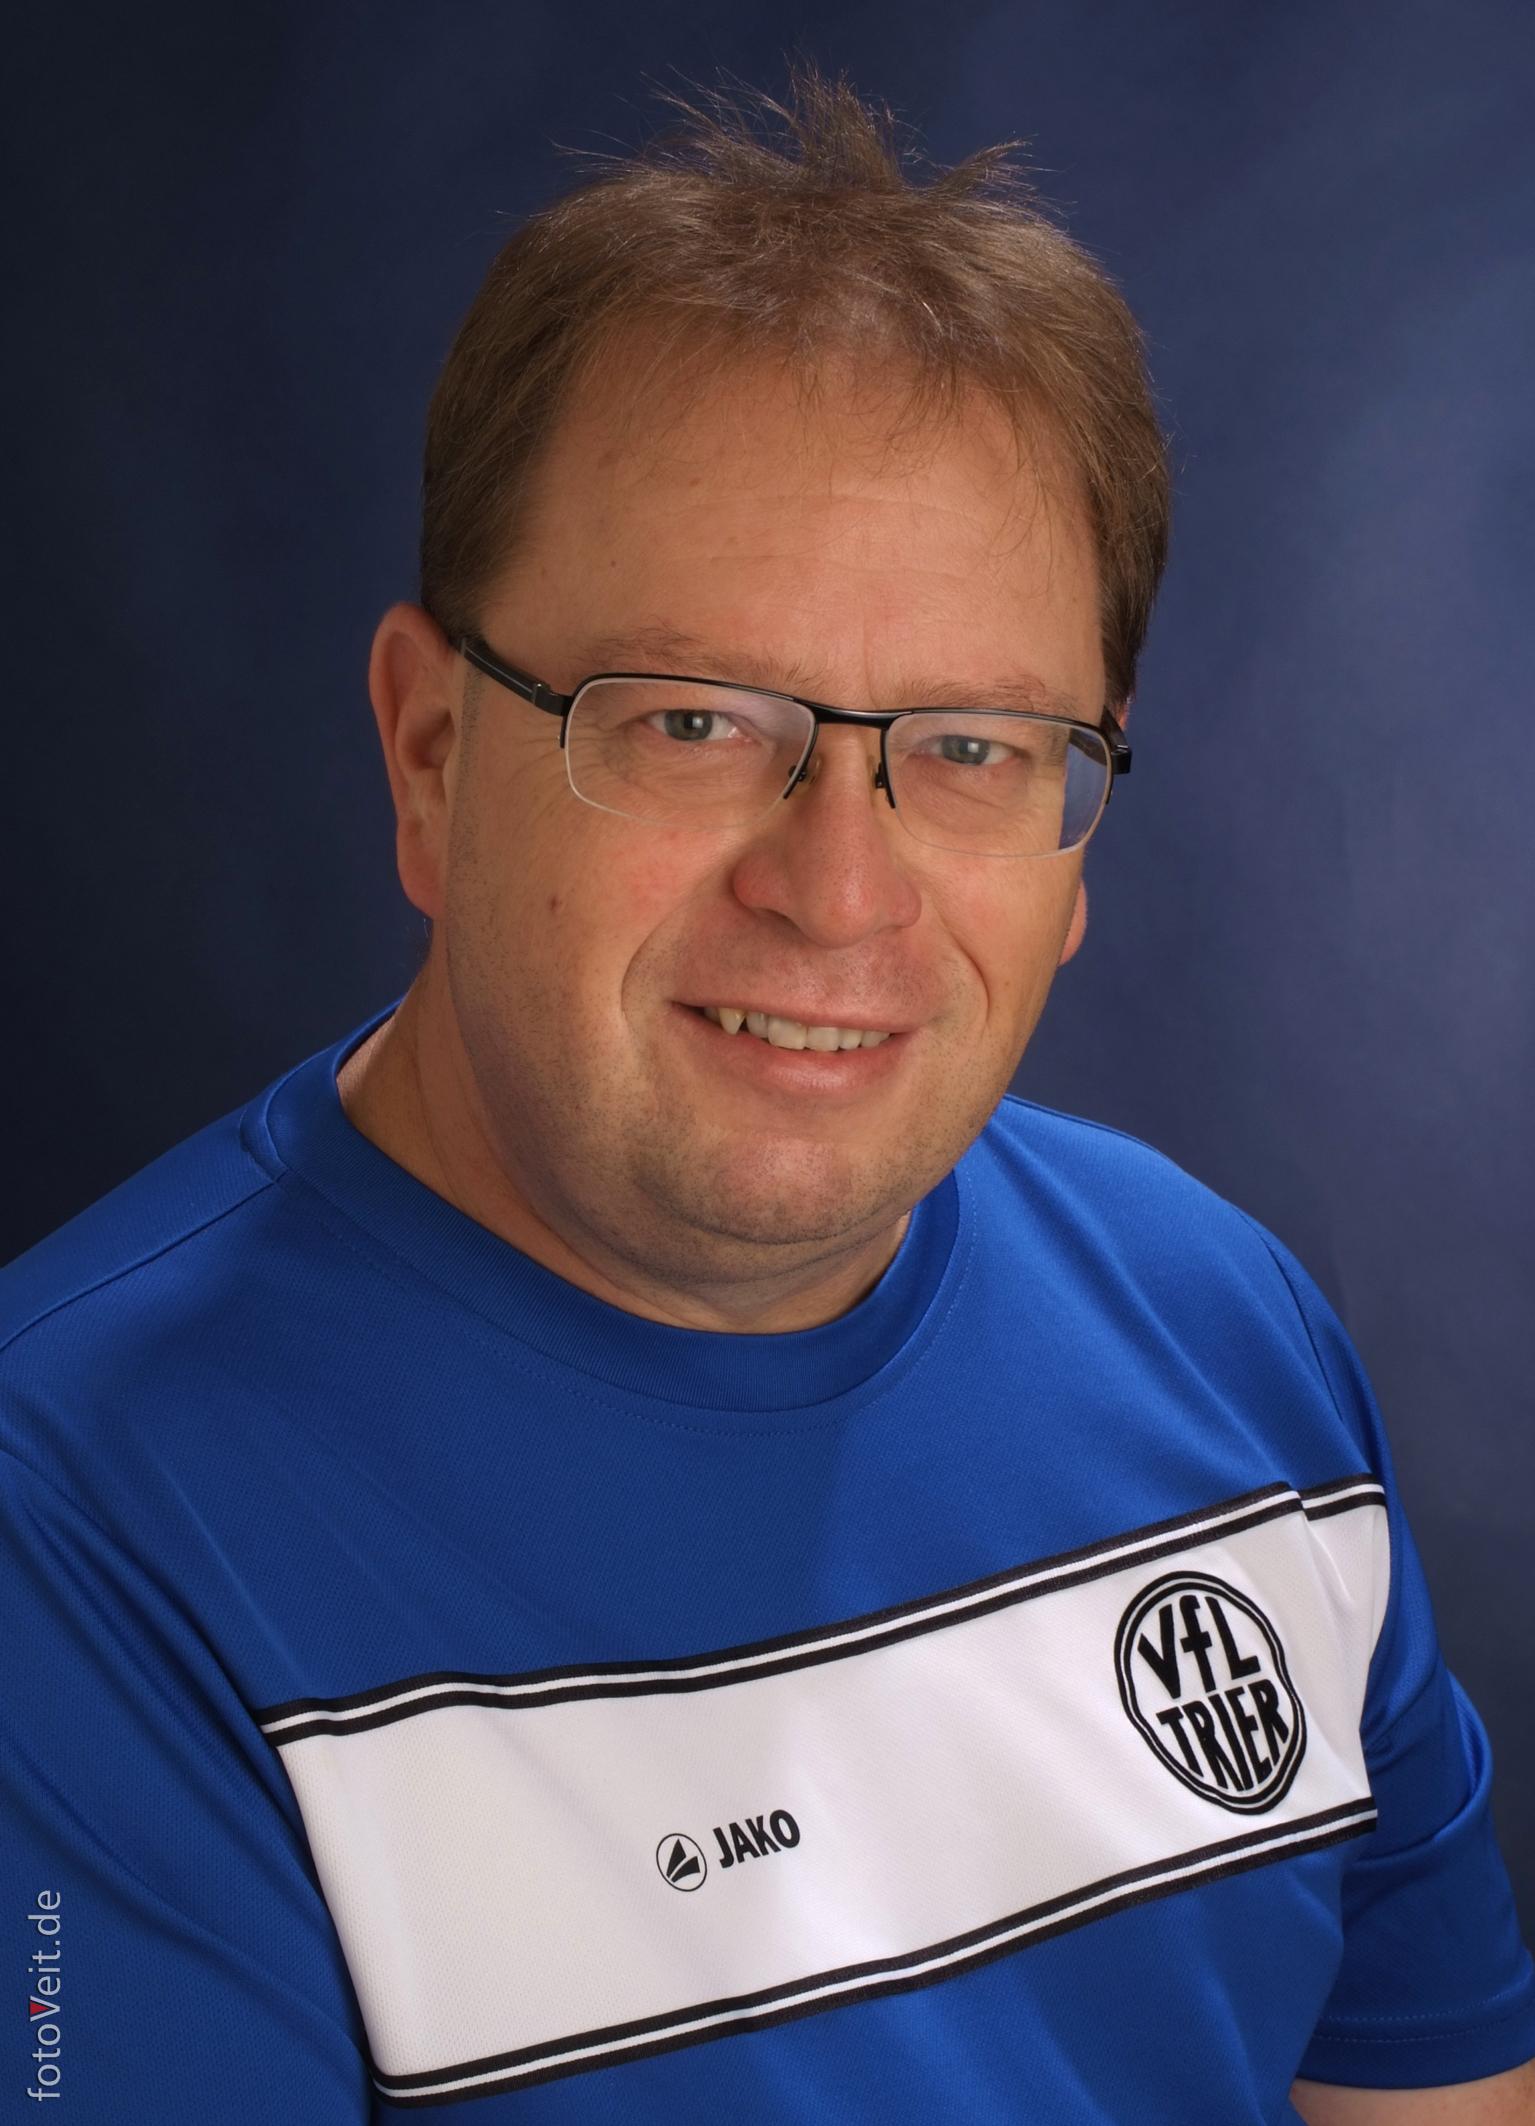 Willi Orth